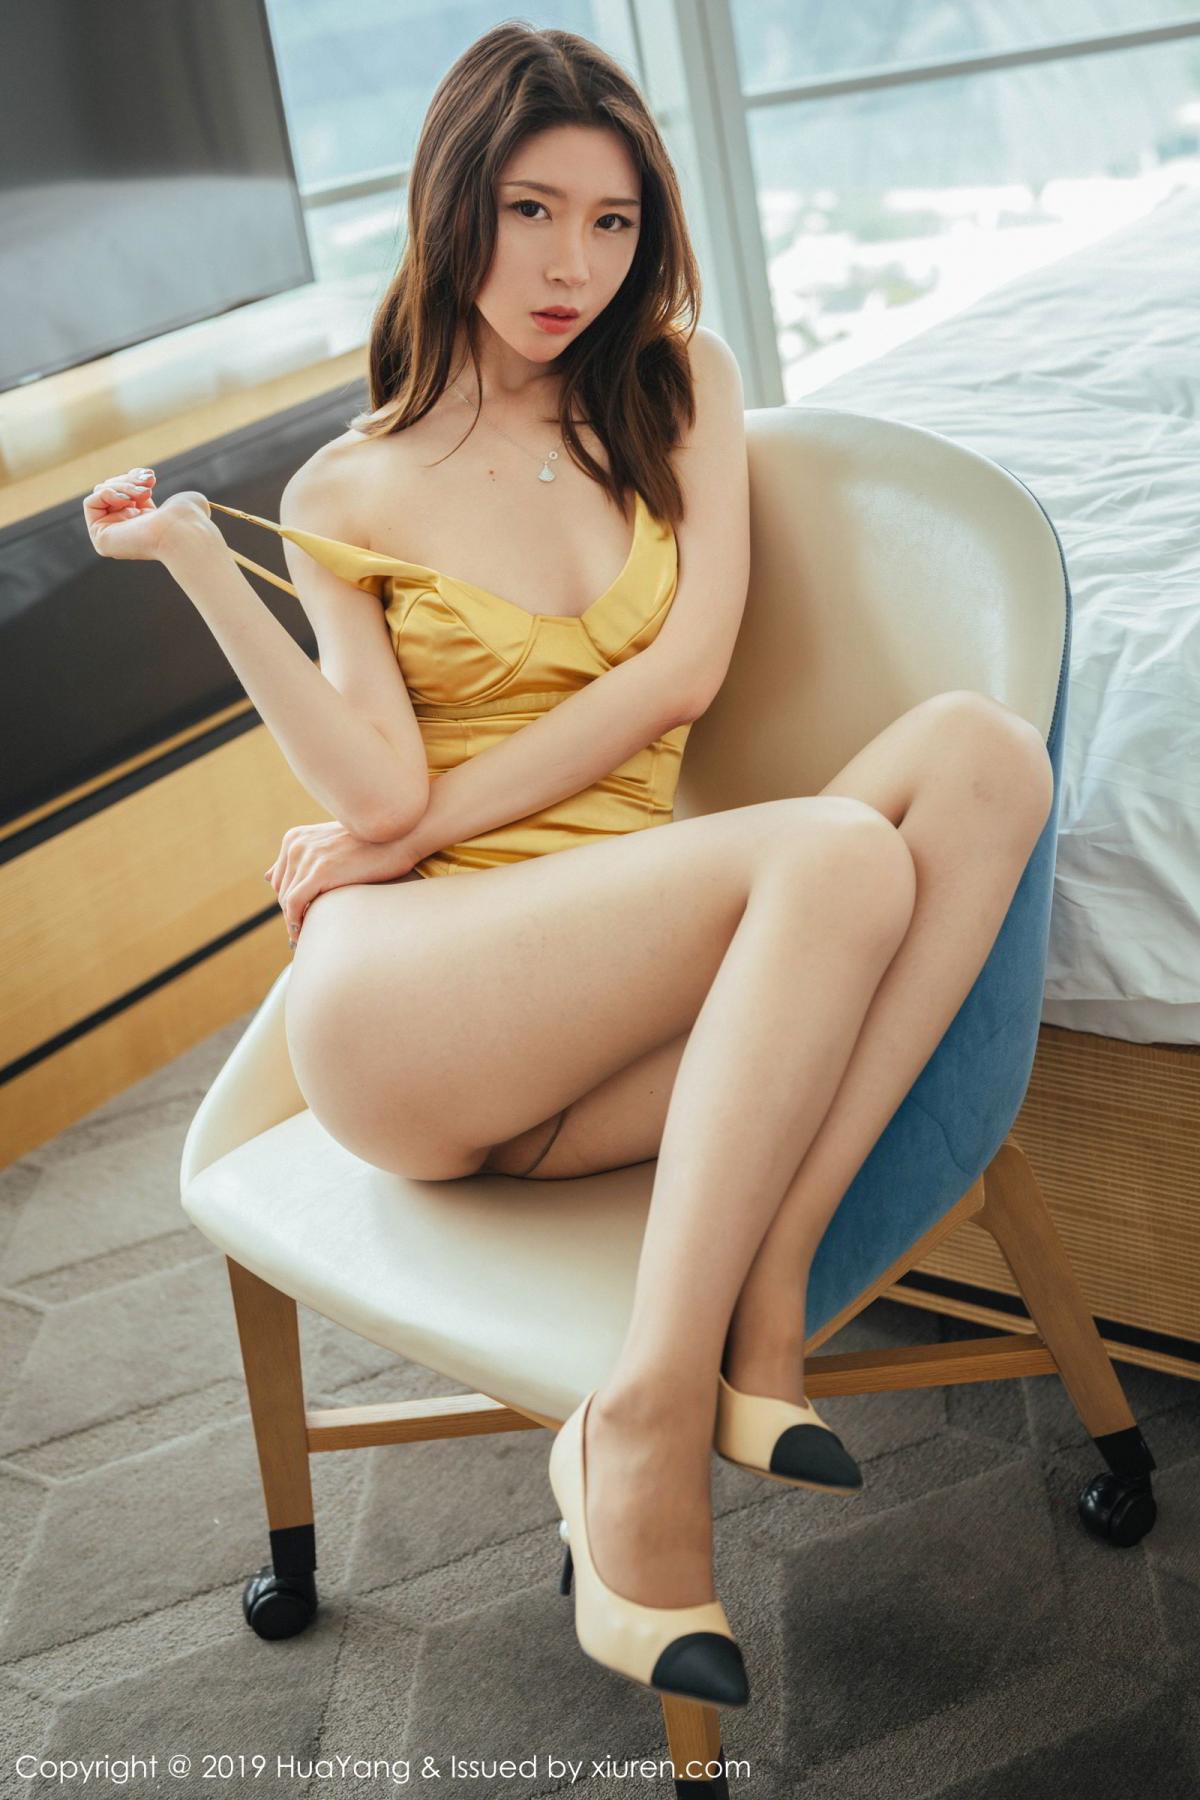 [Huayang] Vol.155 Meng Xin Yue 30P, HuaYang, Meng Xin Yue, Tall